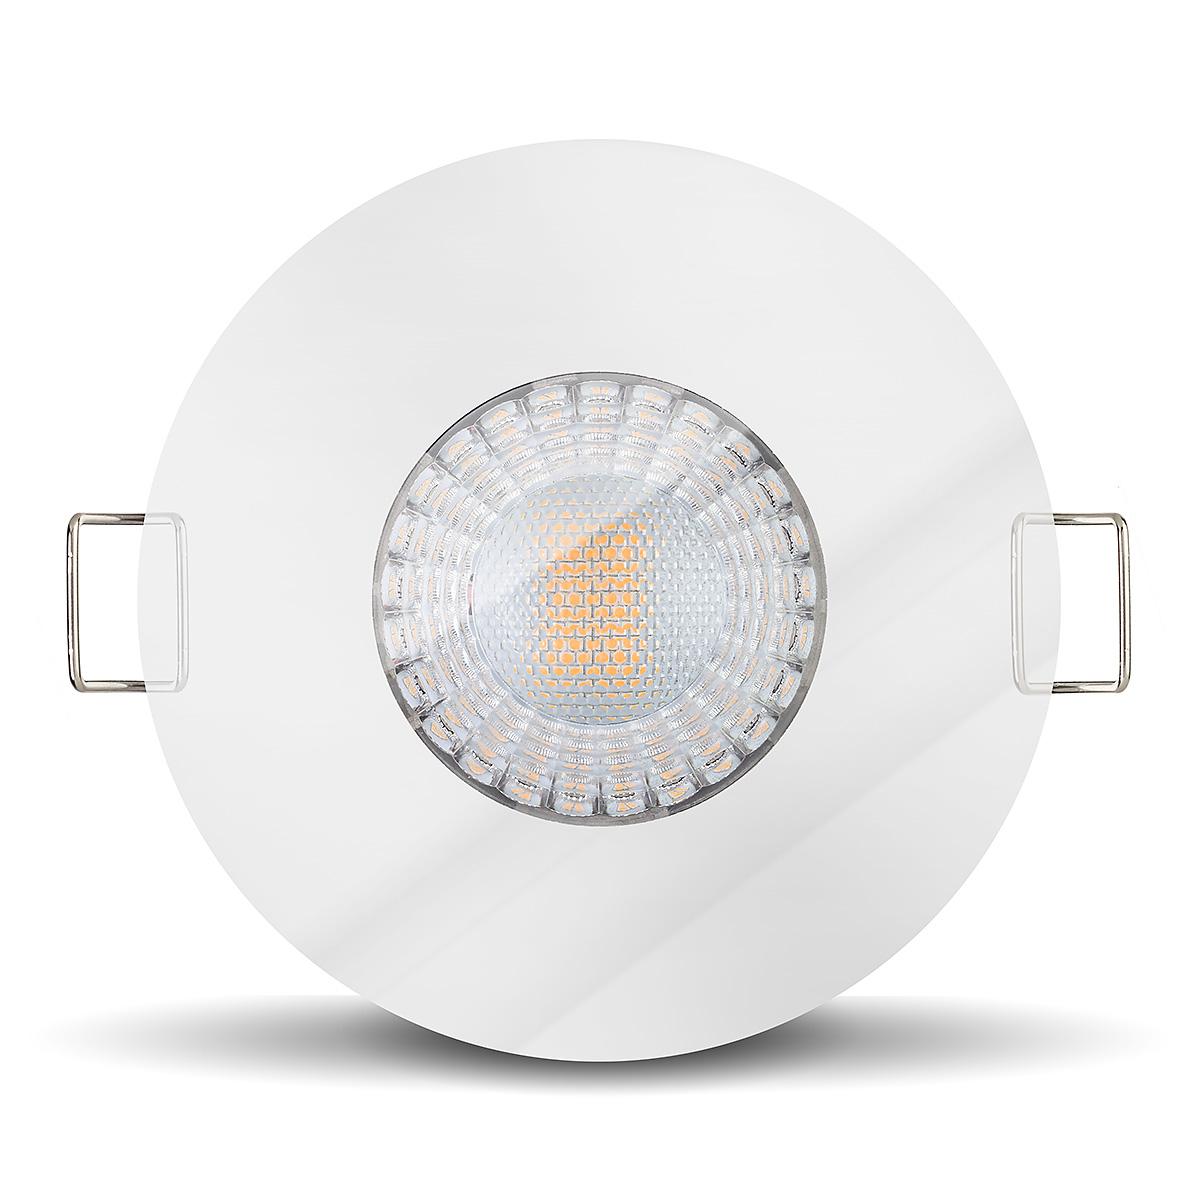 led feuchtraumleuchte ip65 geeignet f r die nasszelle badbeleuchtung und au enbereich ledox. Black Bedroom Furniture Sets. Home Design Ideas